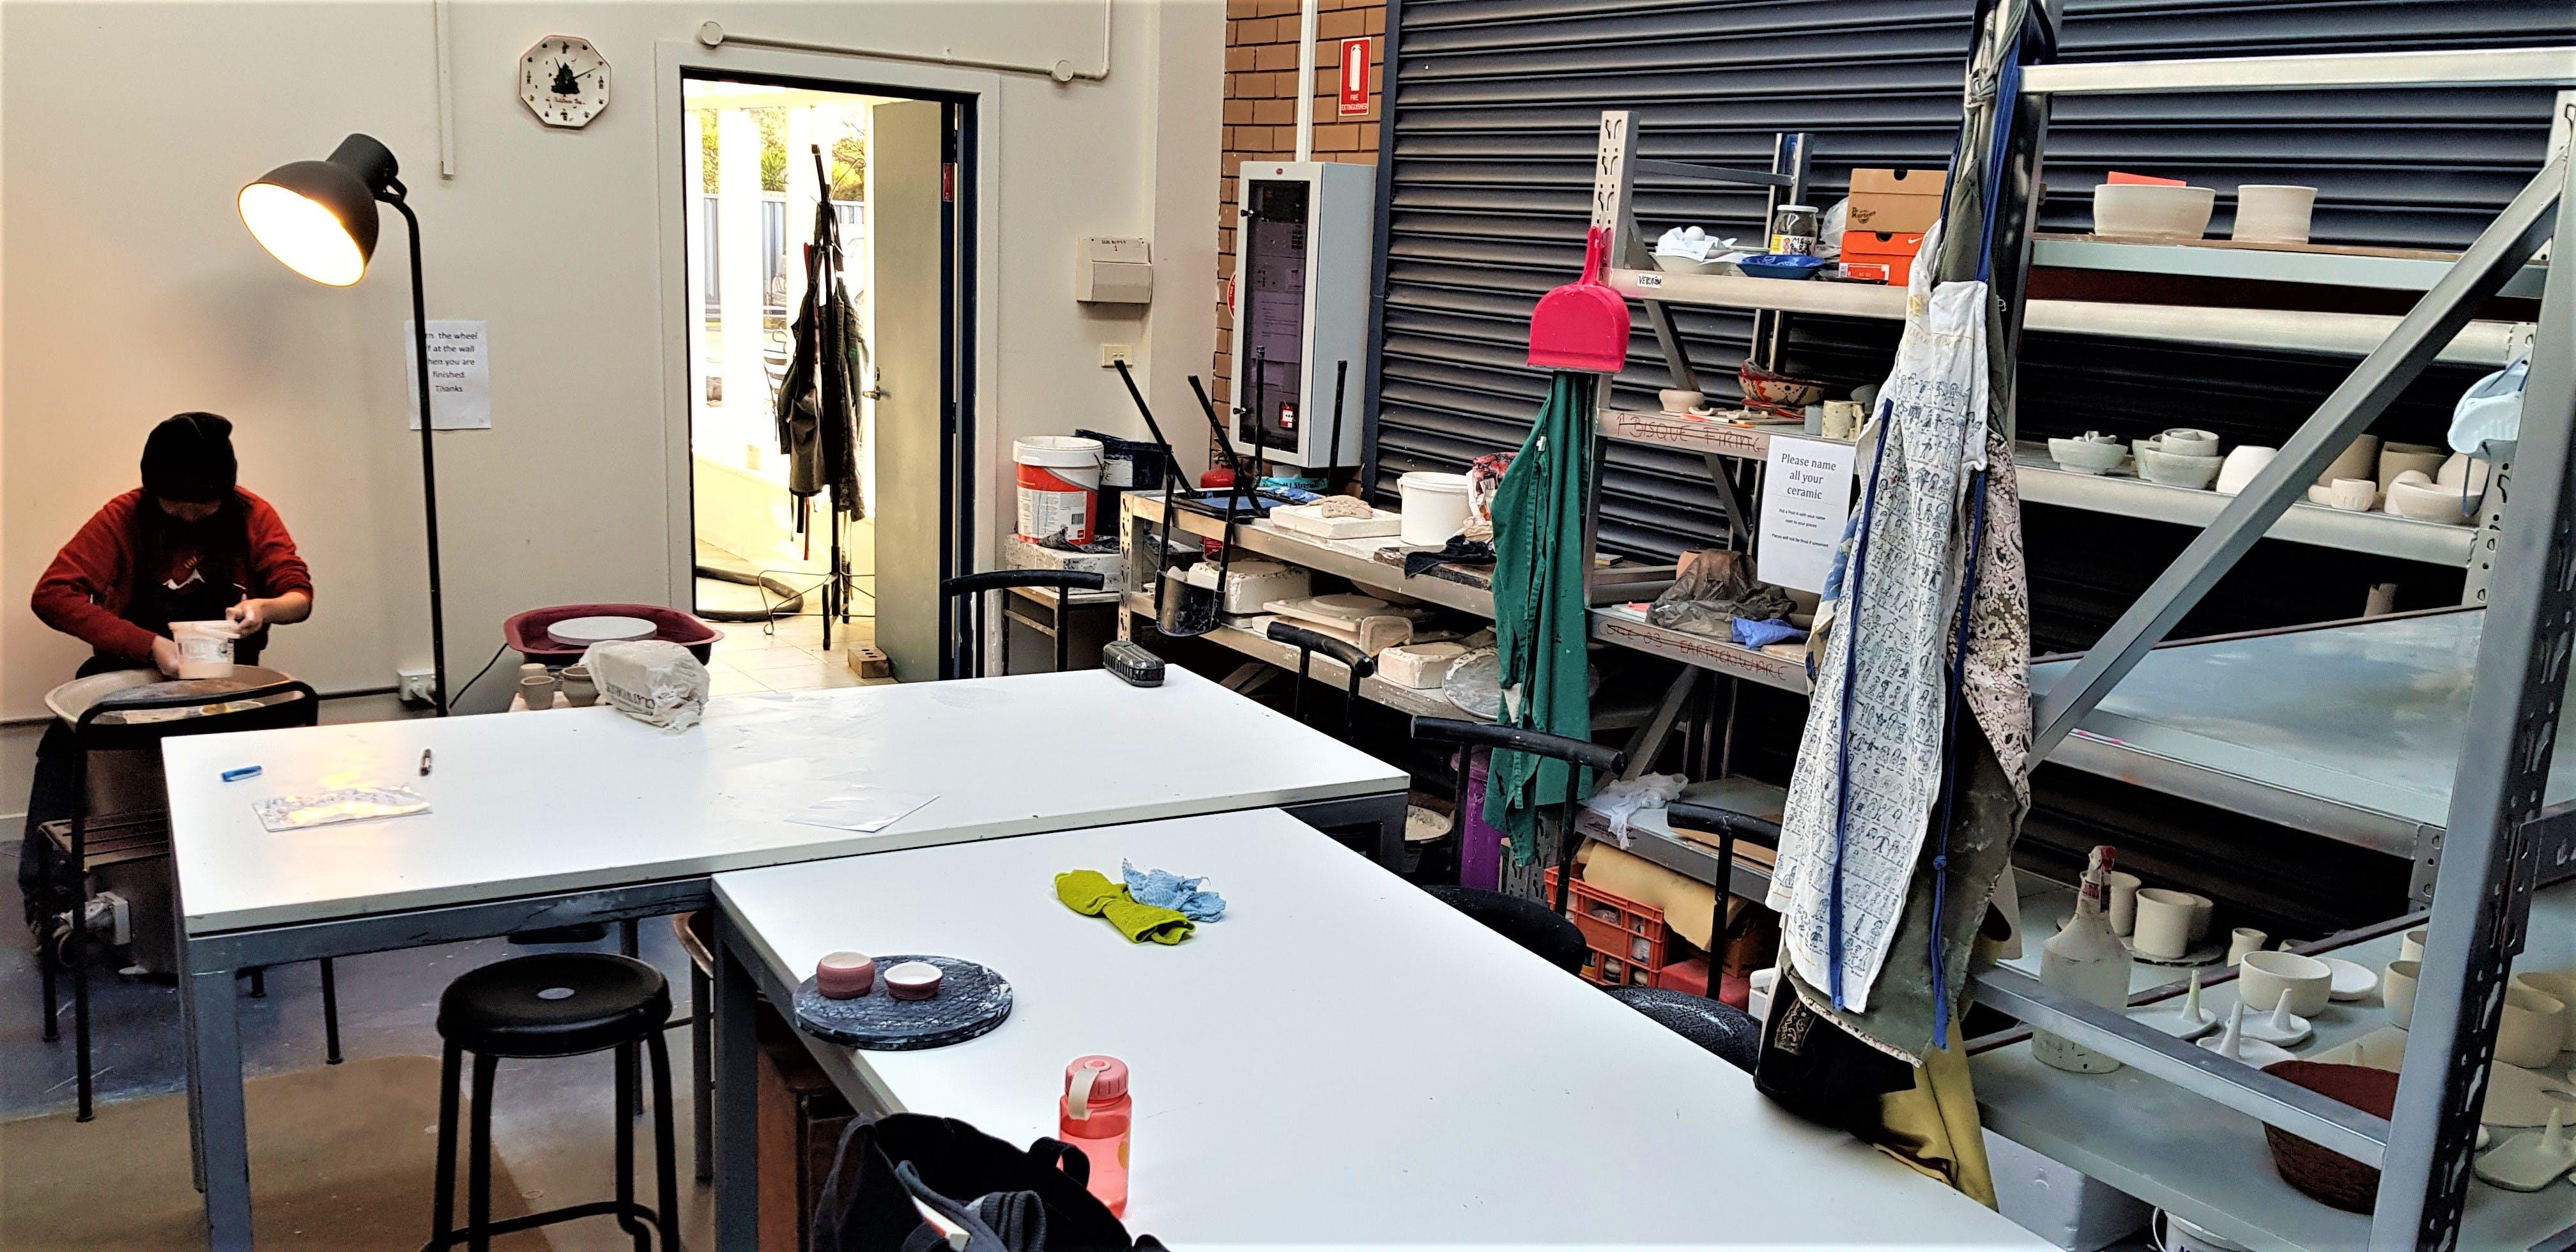 Ceramic Studio, creative studio at Le Studio Art Space & Ceramic Studio, image 3